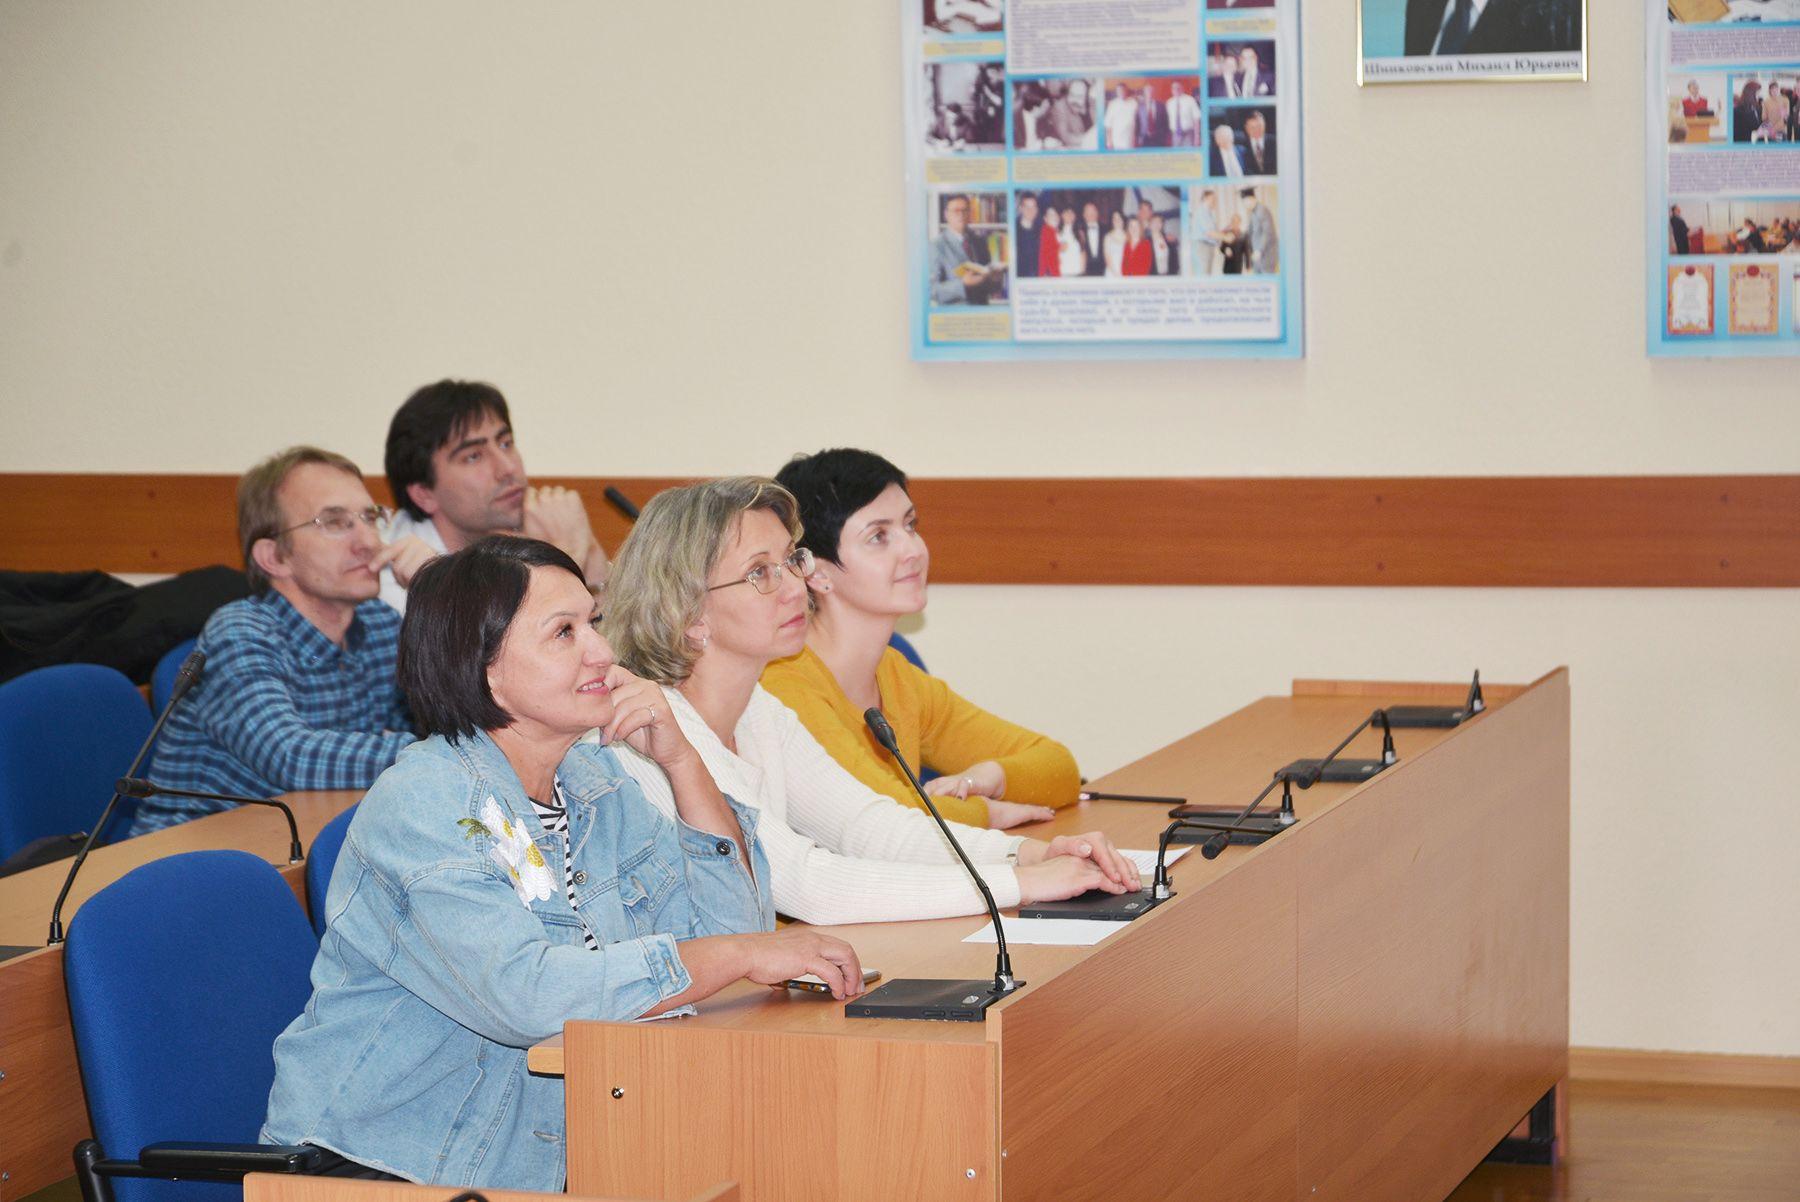 Всероссийская конференция для психологов во ВГУЭС: на связи Москва, Новосибирск и Красноярск